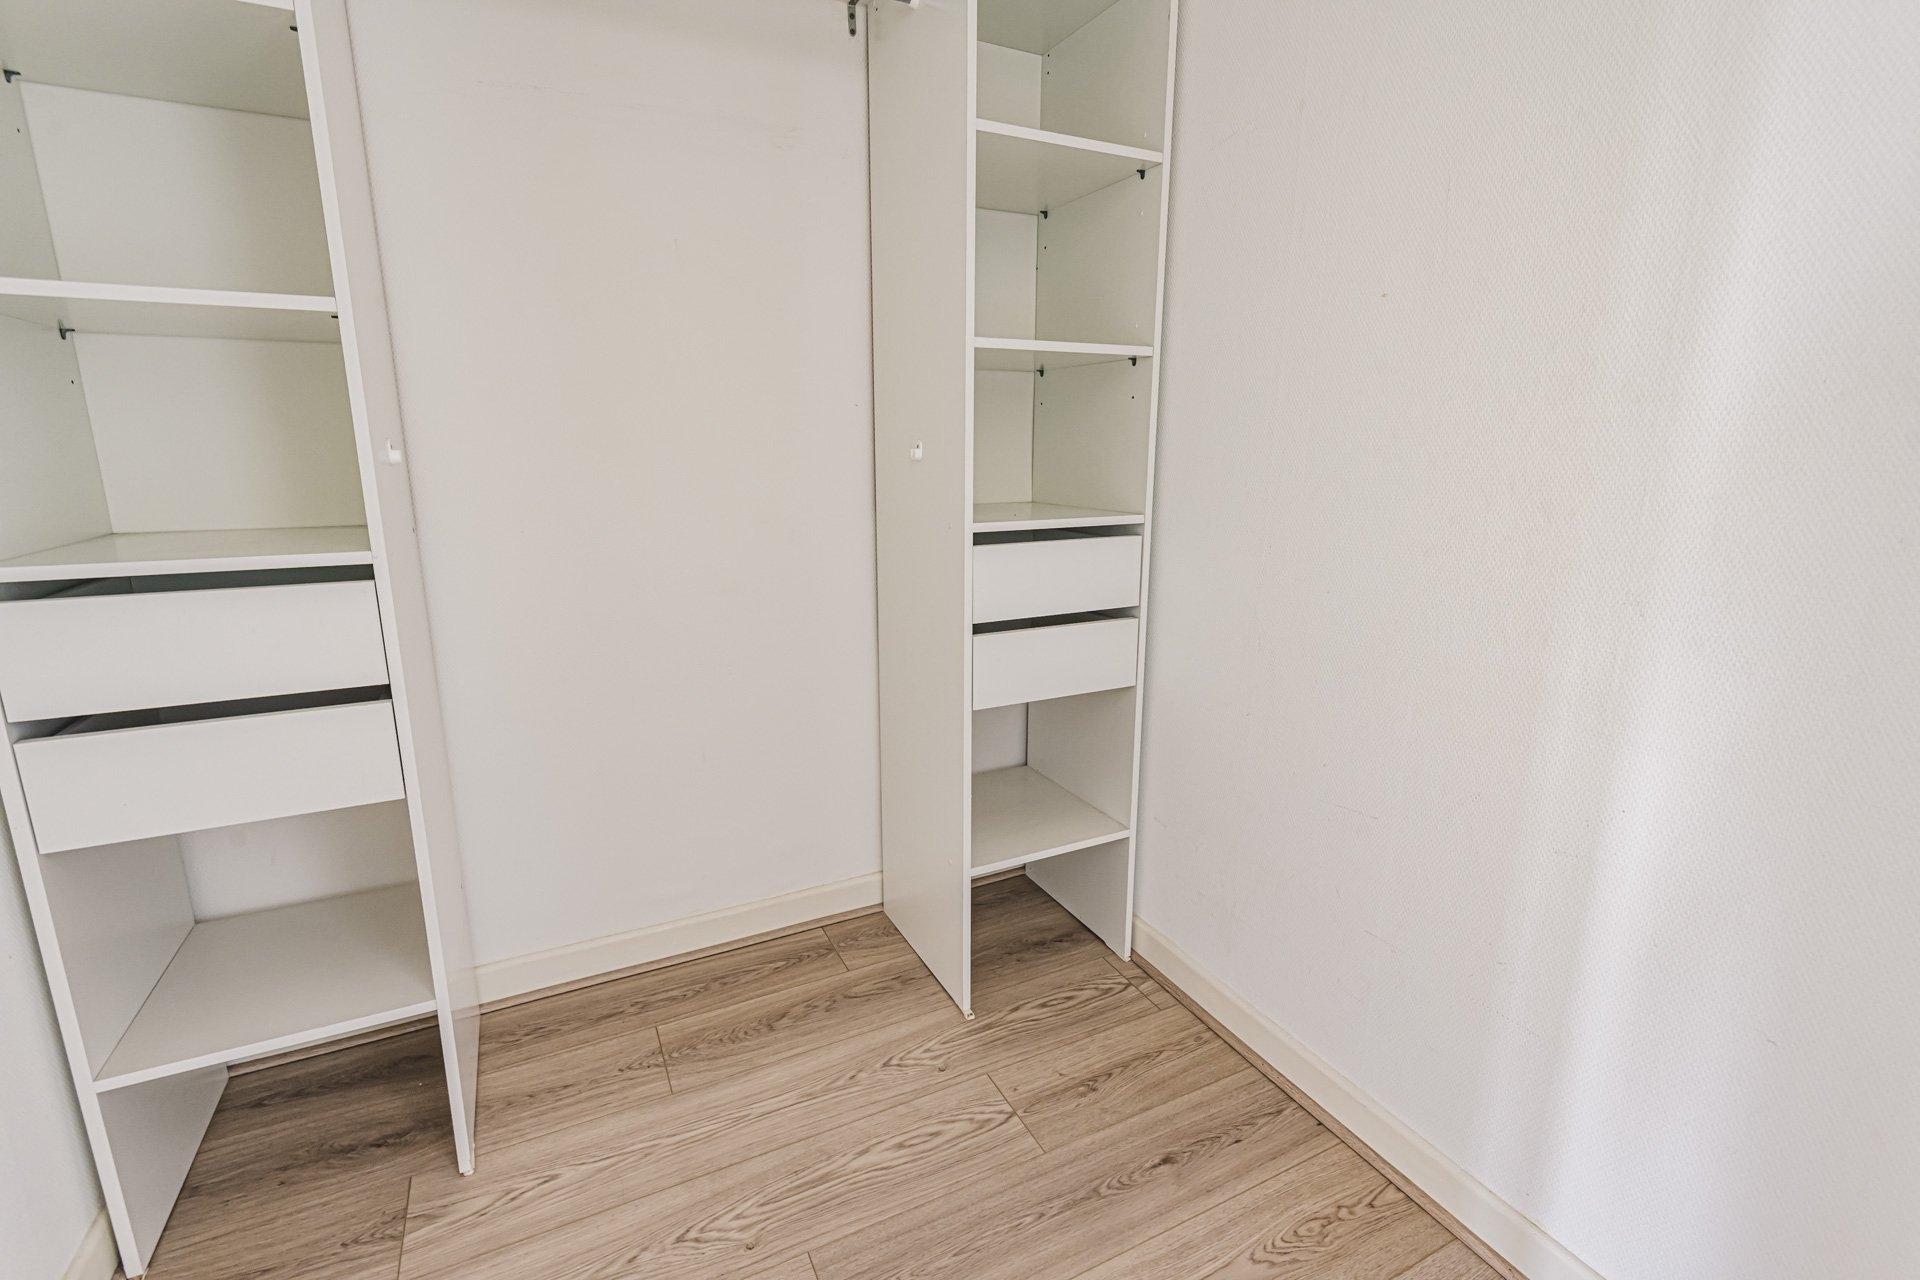 Appartement Reims 4 Pièces 69.2 m2 - 6